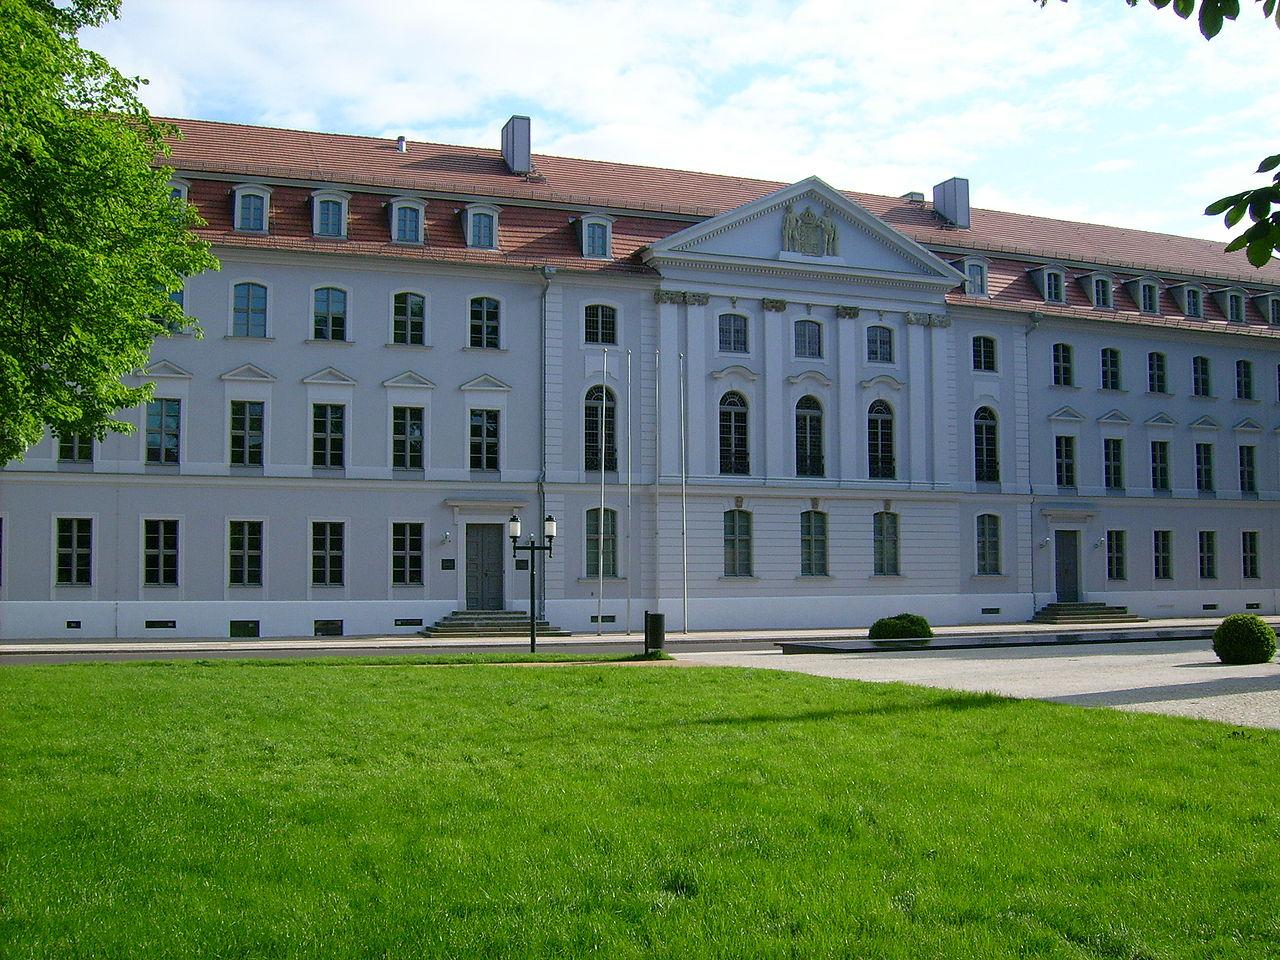 Bild Hauptgebäude der Universität Greifswald